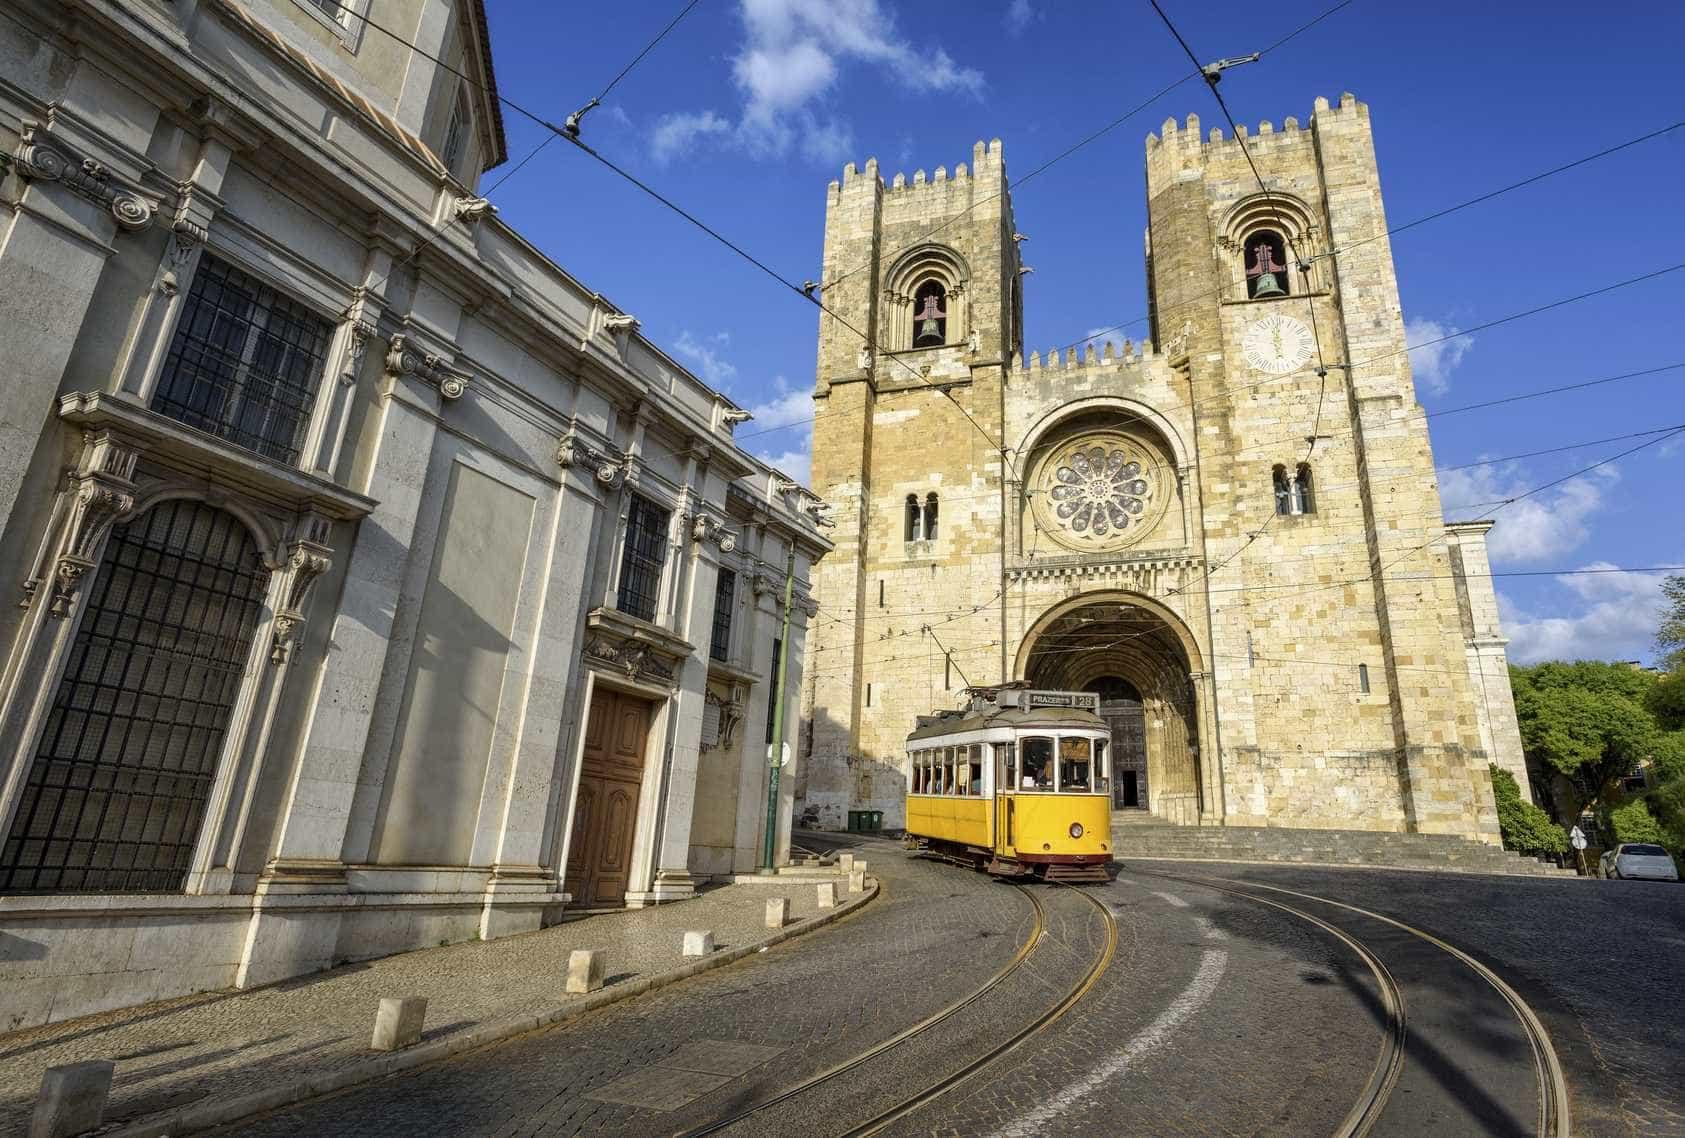 Time escolhe Lisboa como um dos 10 melhores destinos da Europa